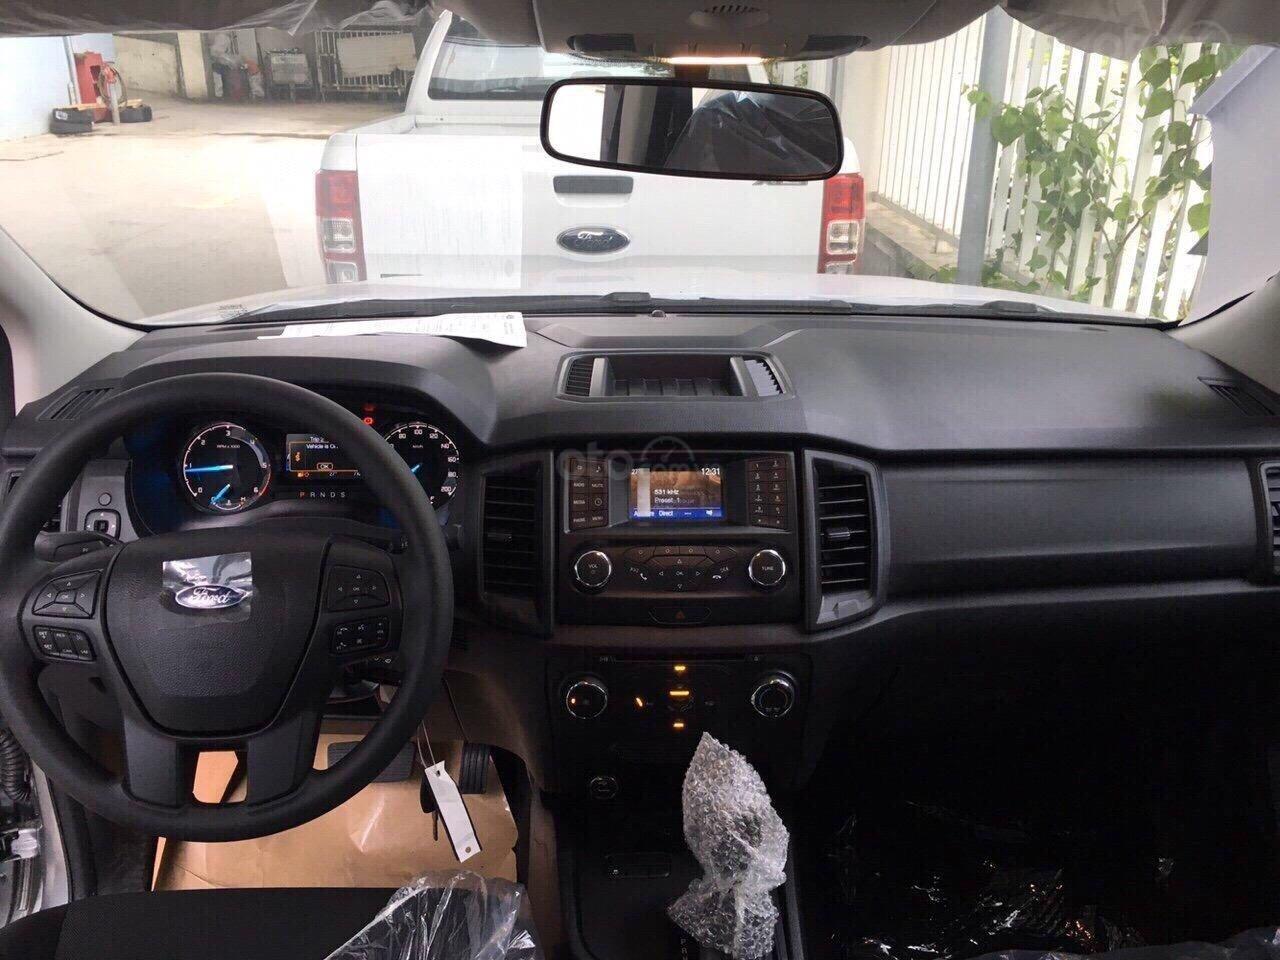 Bán Ford Ranger XLS AT 1 cầu, số tự động xe mới, nhập nguyên chiếc Thái Lan, bao giá toàn quốc LH 0965423558 (6)